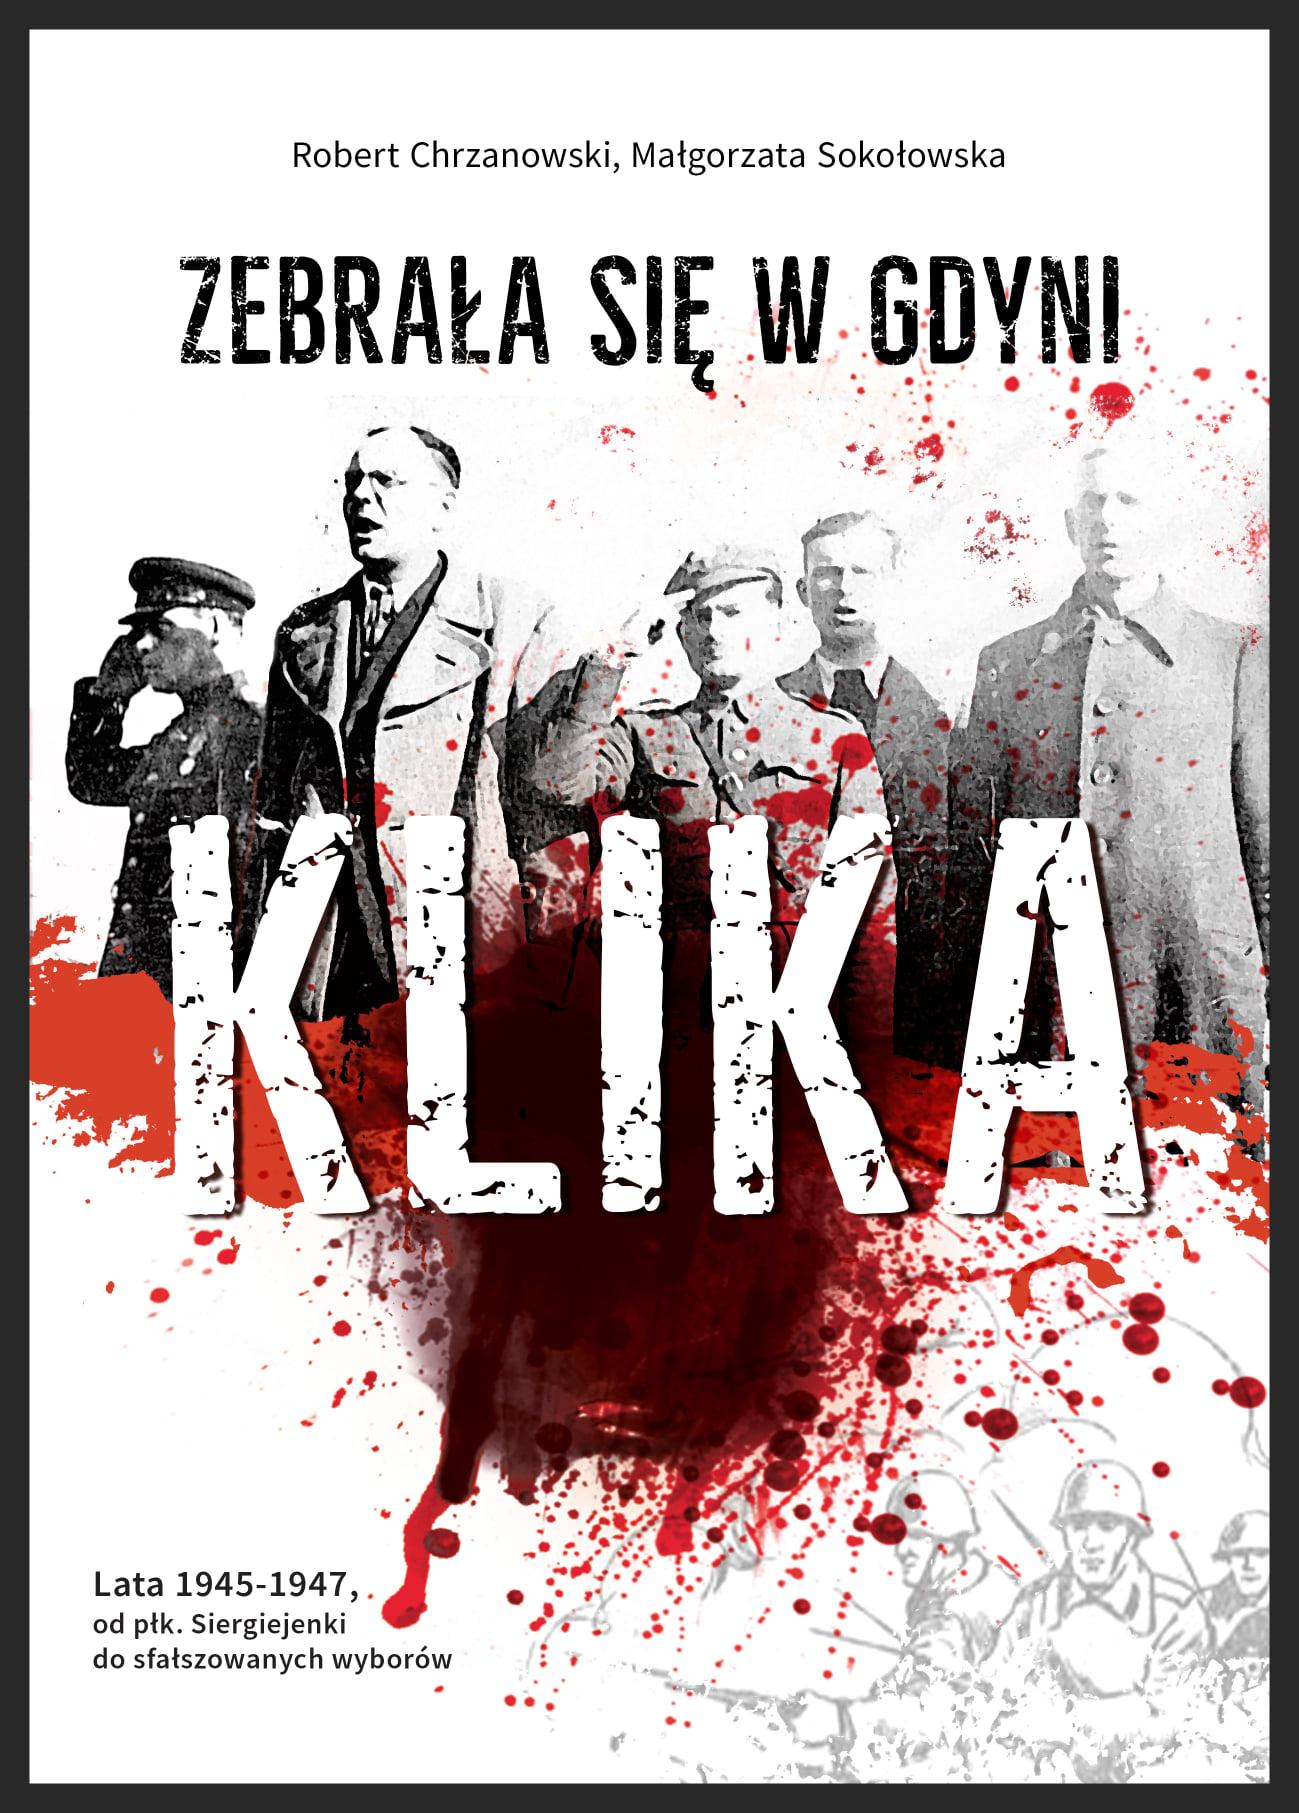 """""""Zebrała się w Gdyni klika. Lata 1945-1947"""" - spotkanie autorskie  z Małgorzatą Sokołowską i Robertem Chrzanowskim"""